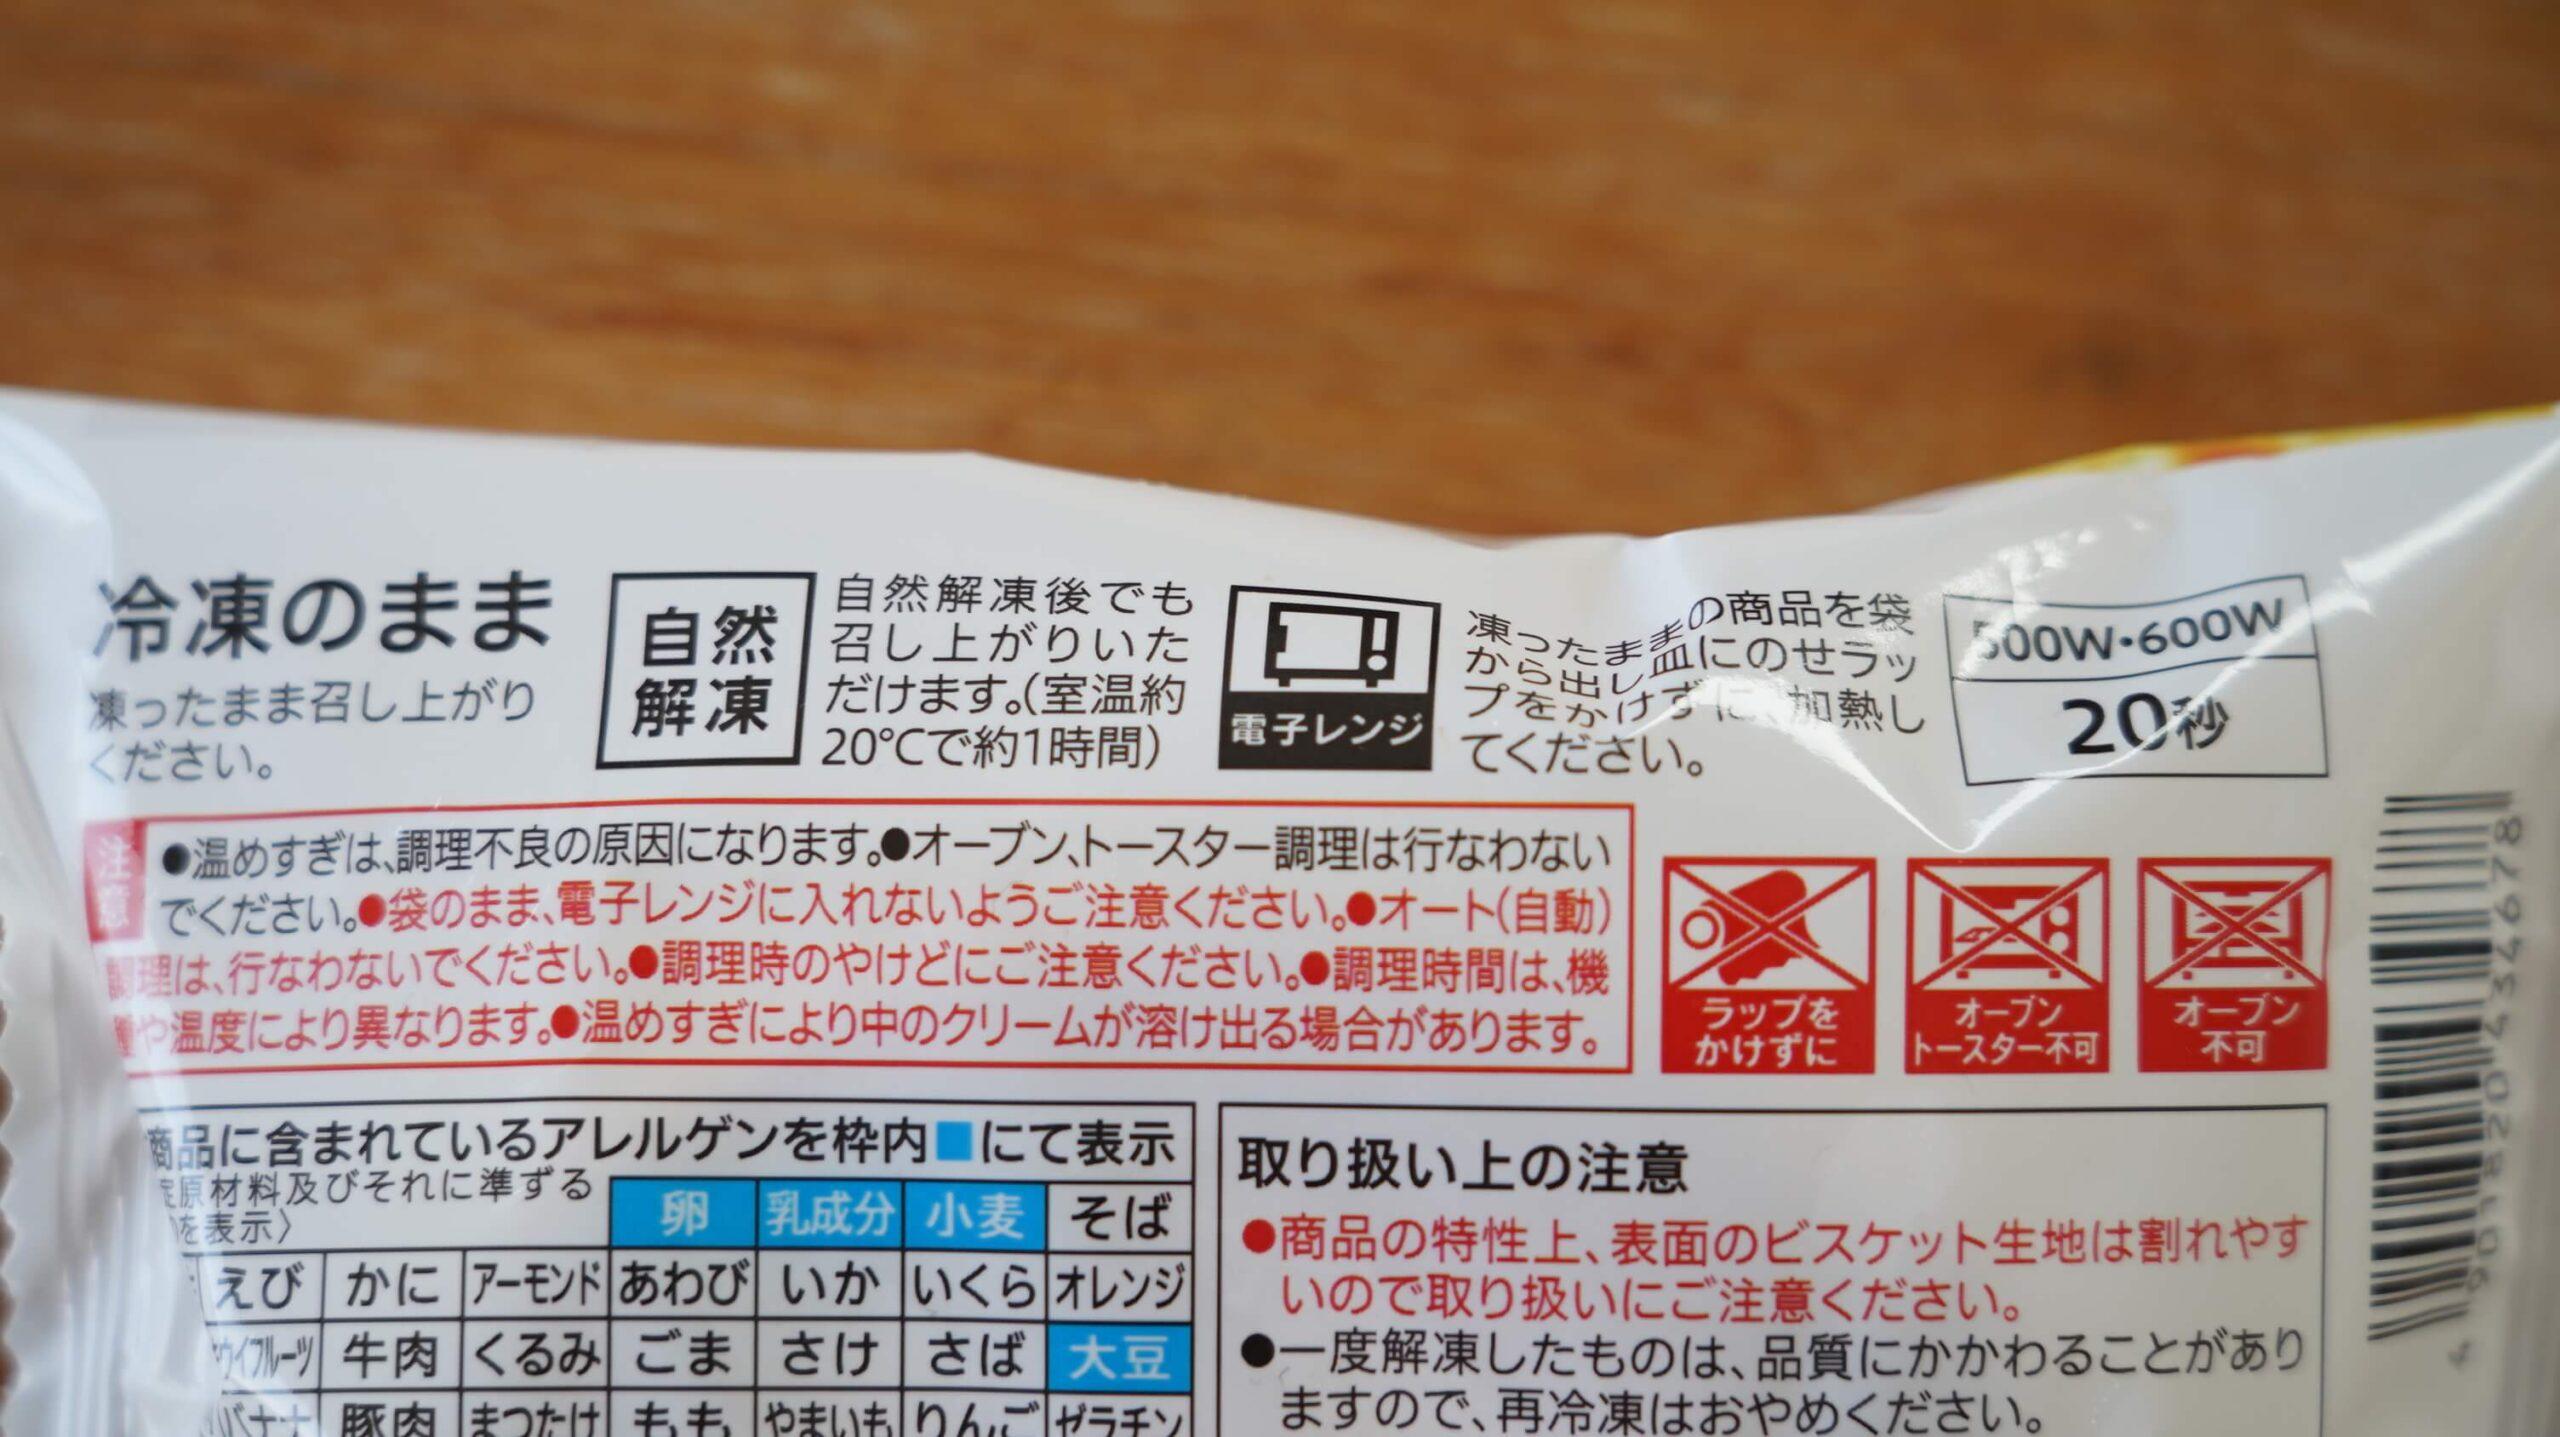 セブンイレブンの冷凍食品「冷たく食べるメロンパン」のパッケージ裏面の拡大写真